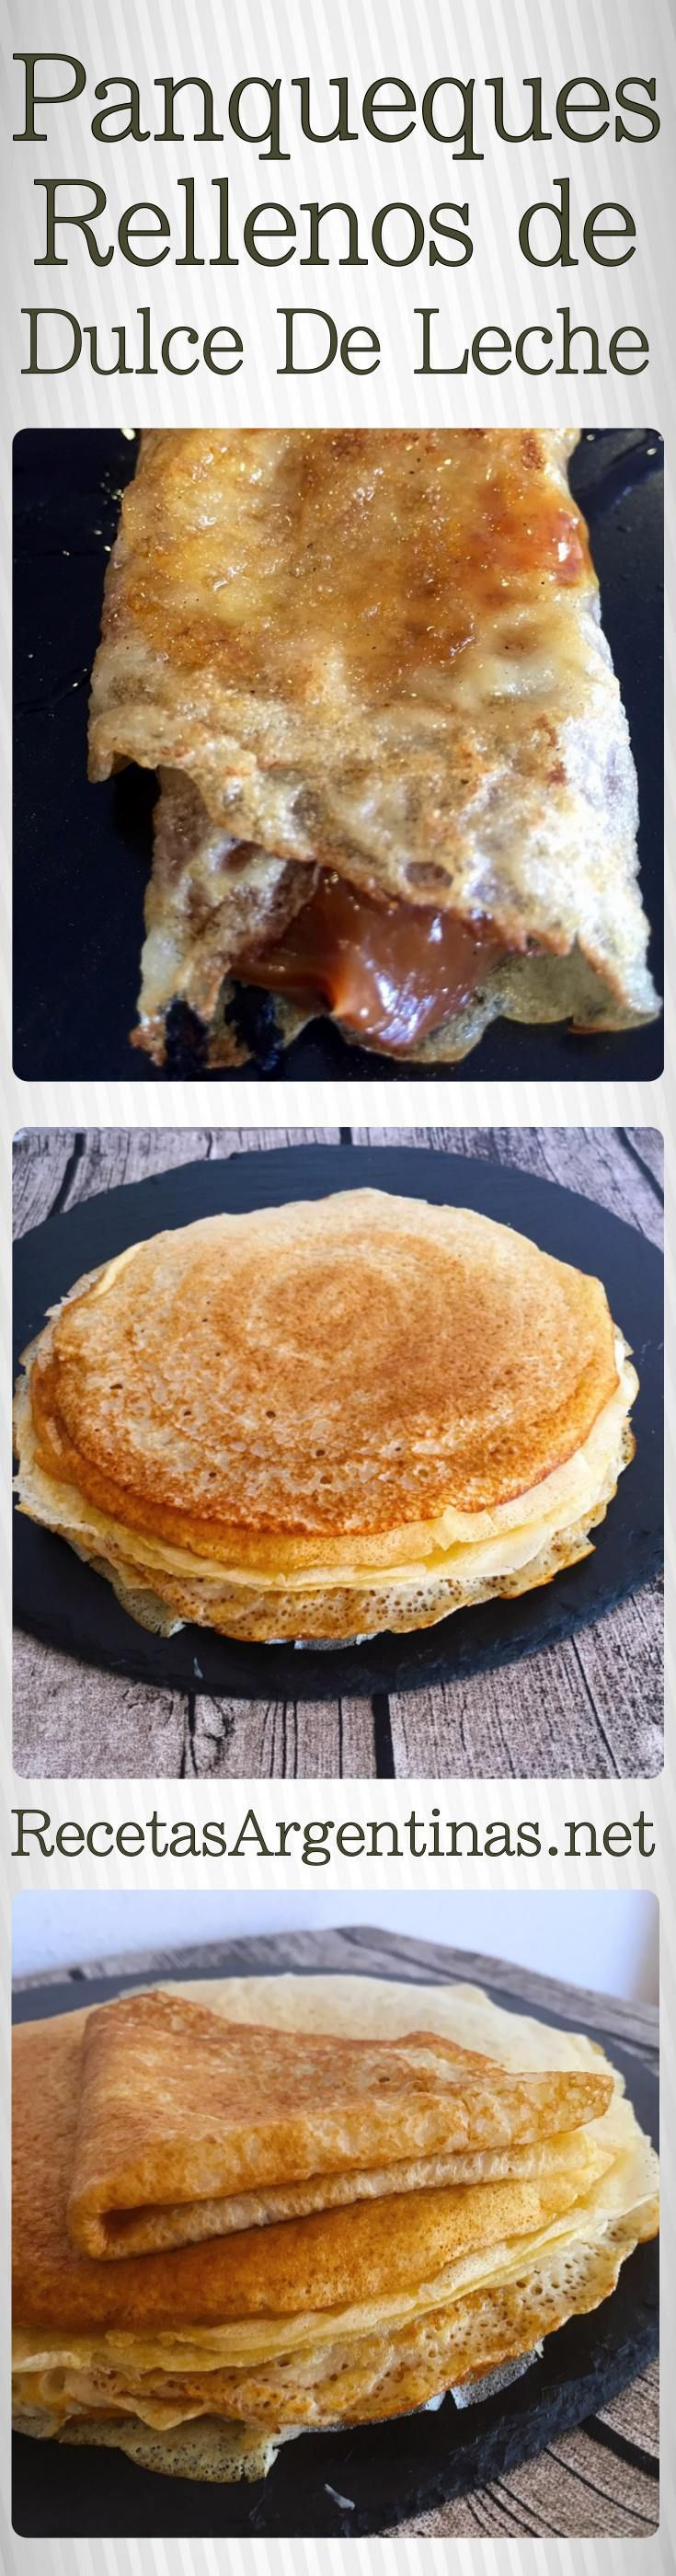 Panqueques con dulce de leche     Ingredientes:  Huevos 2 Harina 220 gramos Azúcar 3 cucharadas soperas Leche 1/2 litro Esencia de vainilla  Relleno:  Dulce de leche  Varios:  Azúcar impalpable para espolvorear  Modo de Preparación  Paso 1: Si tenemos batidora eléctrica batir los huevos con el azúcar agregar la leche y la esencia y por último la harina,mezclar bien hasta obtener una masa líquida y sin grumos.( también se puede hacer de forma manual con batidor de alambre) Dejar descansar…